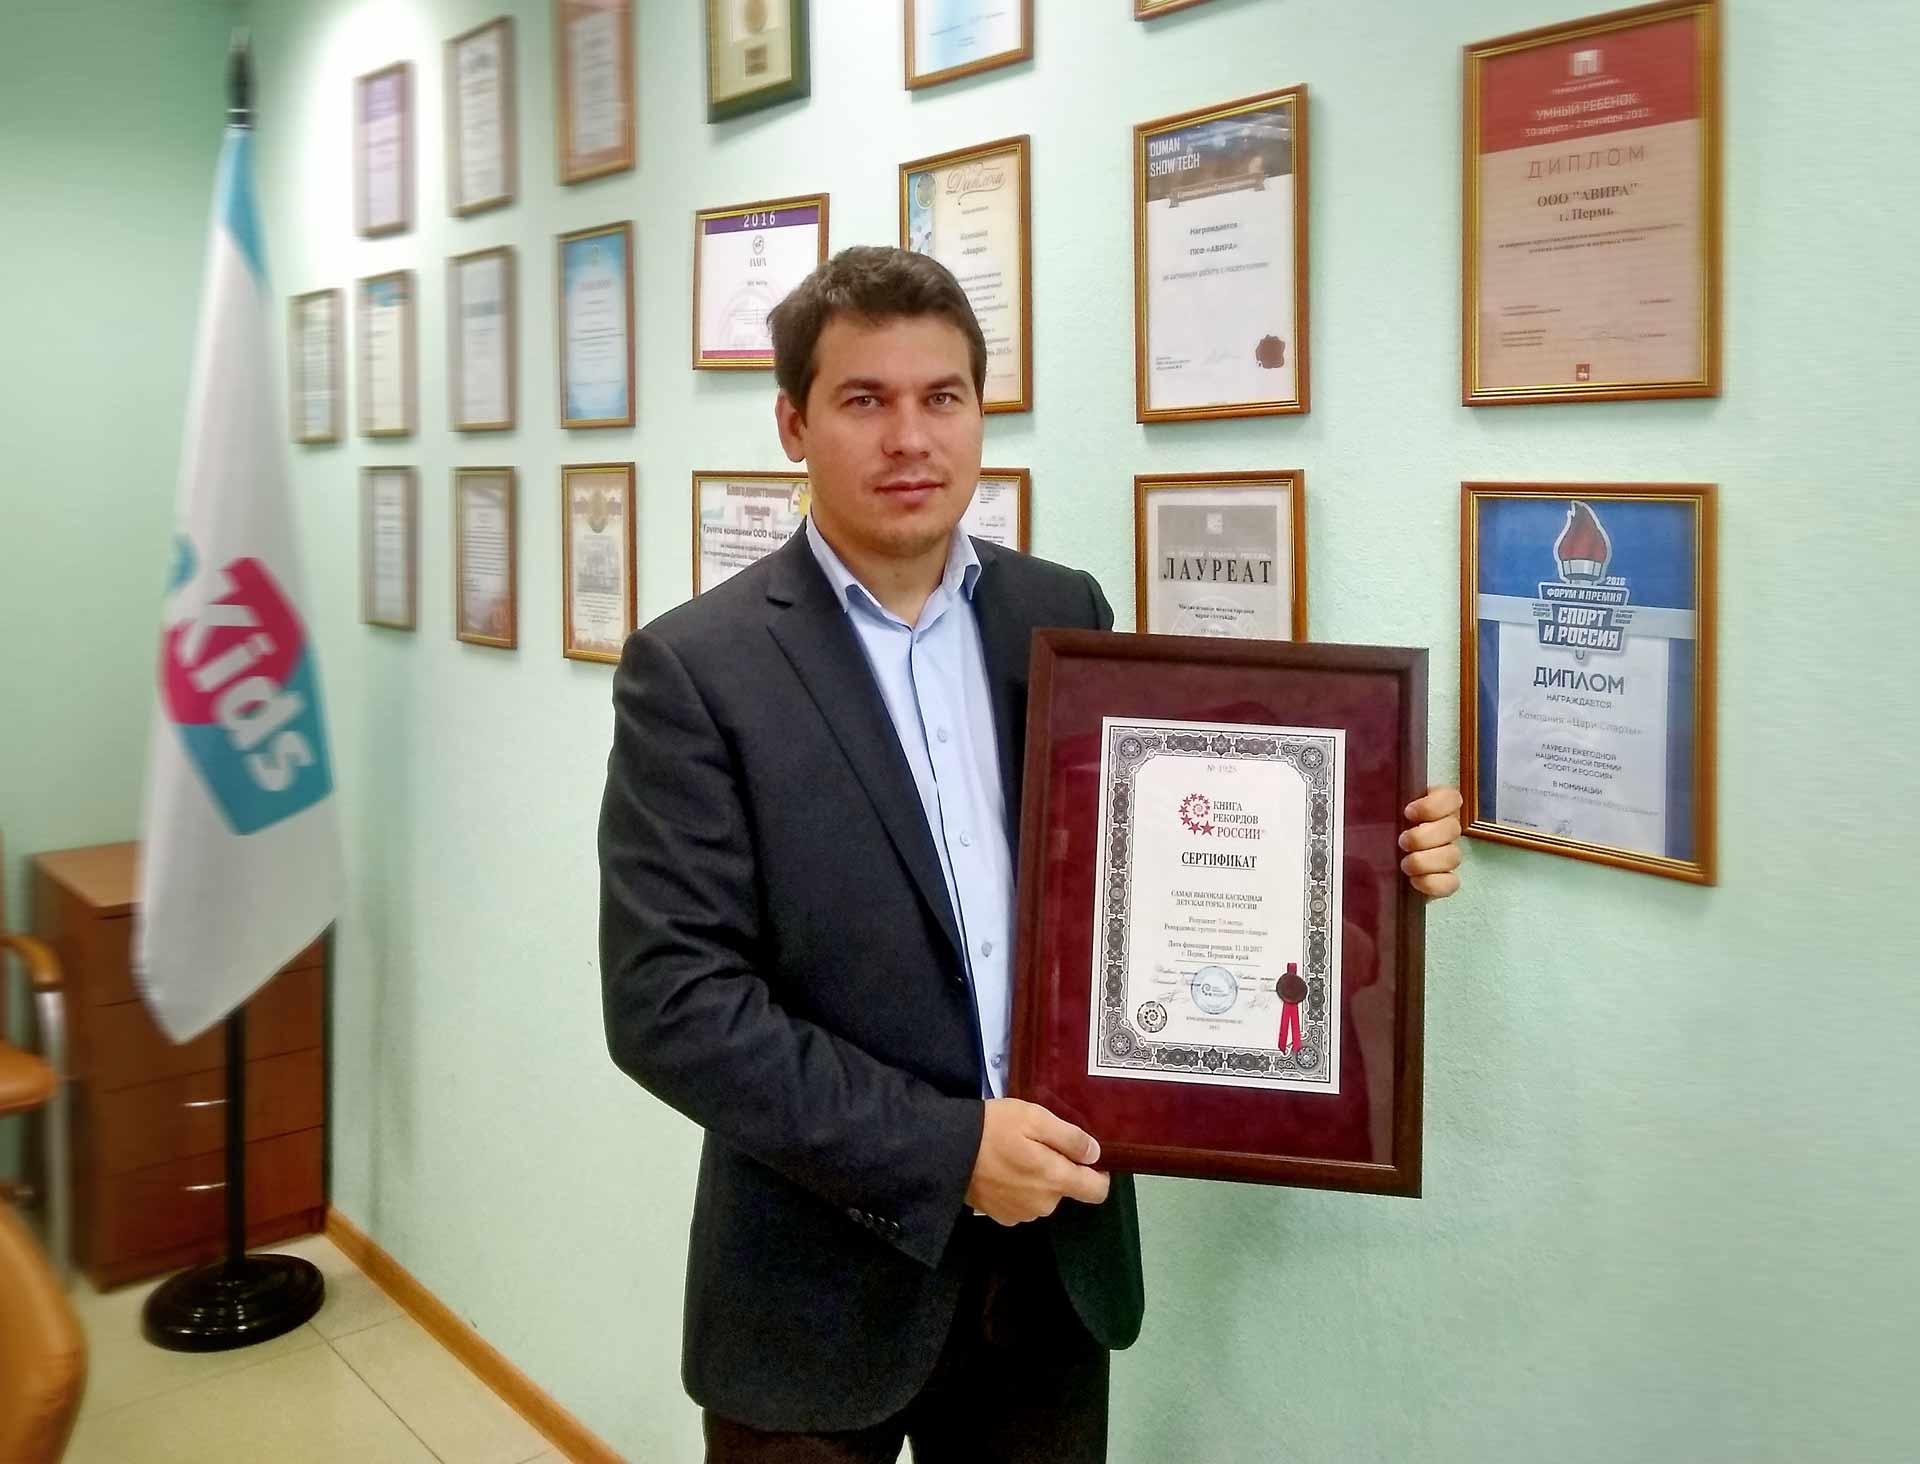 Алексей Загумённов, управляющий группой компаний «Авира» (AviraKids)